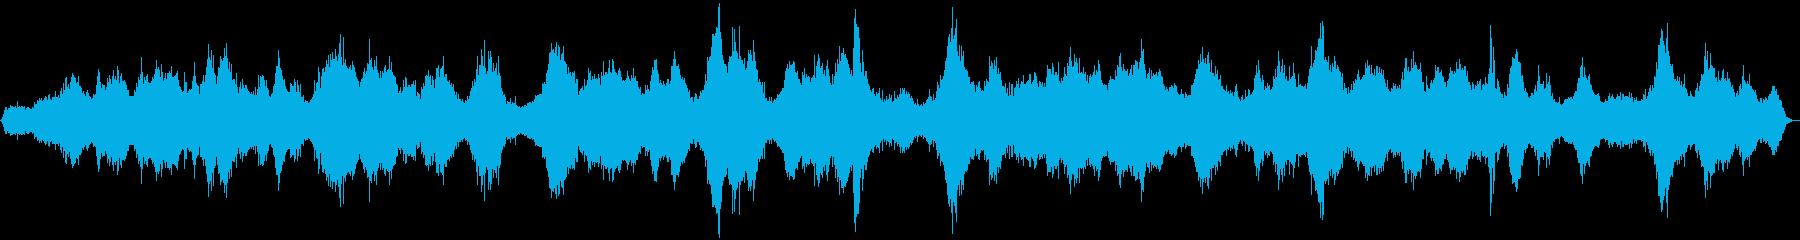 交通量の多い道路の効果音 04の再生済みの波形